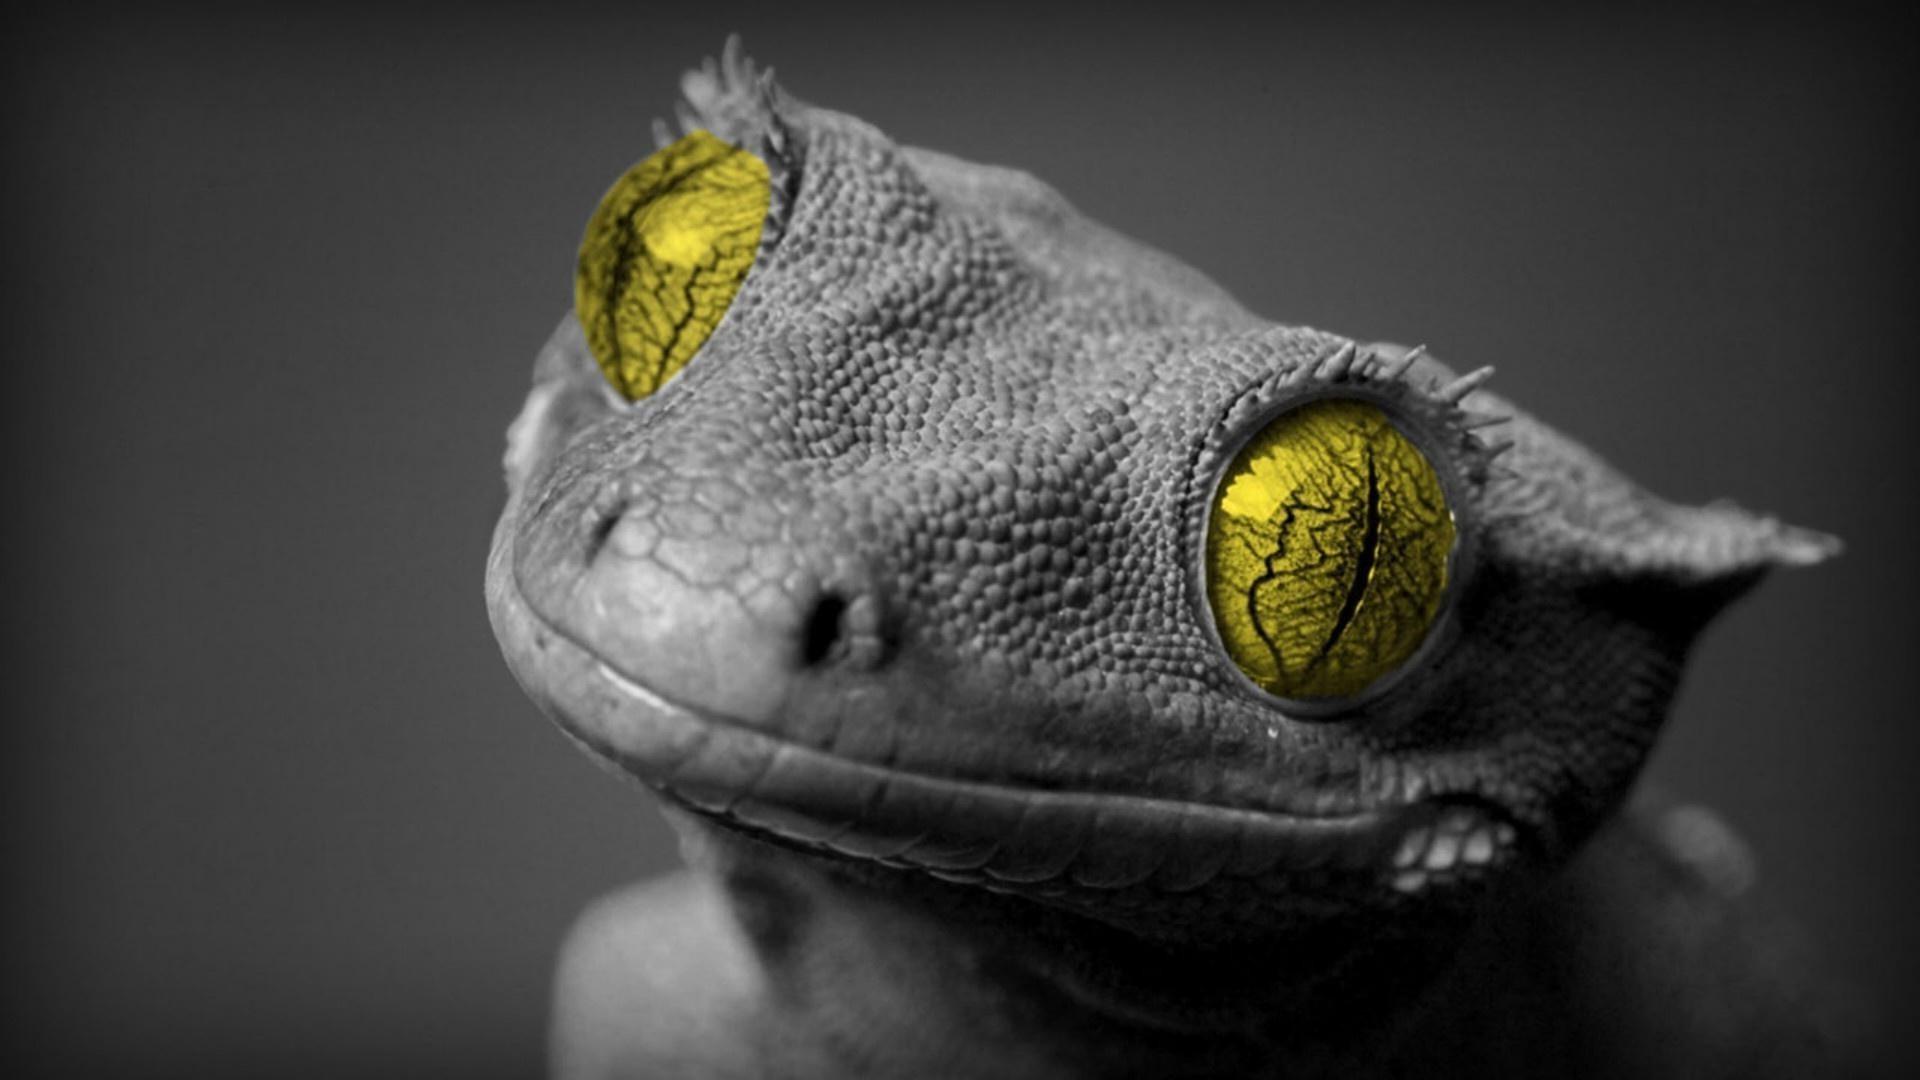 рептилии и лягушки гадина ящерица портрет животное пэт дракон дикой природы природа глаз цвет гекко один просмотр